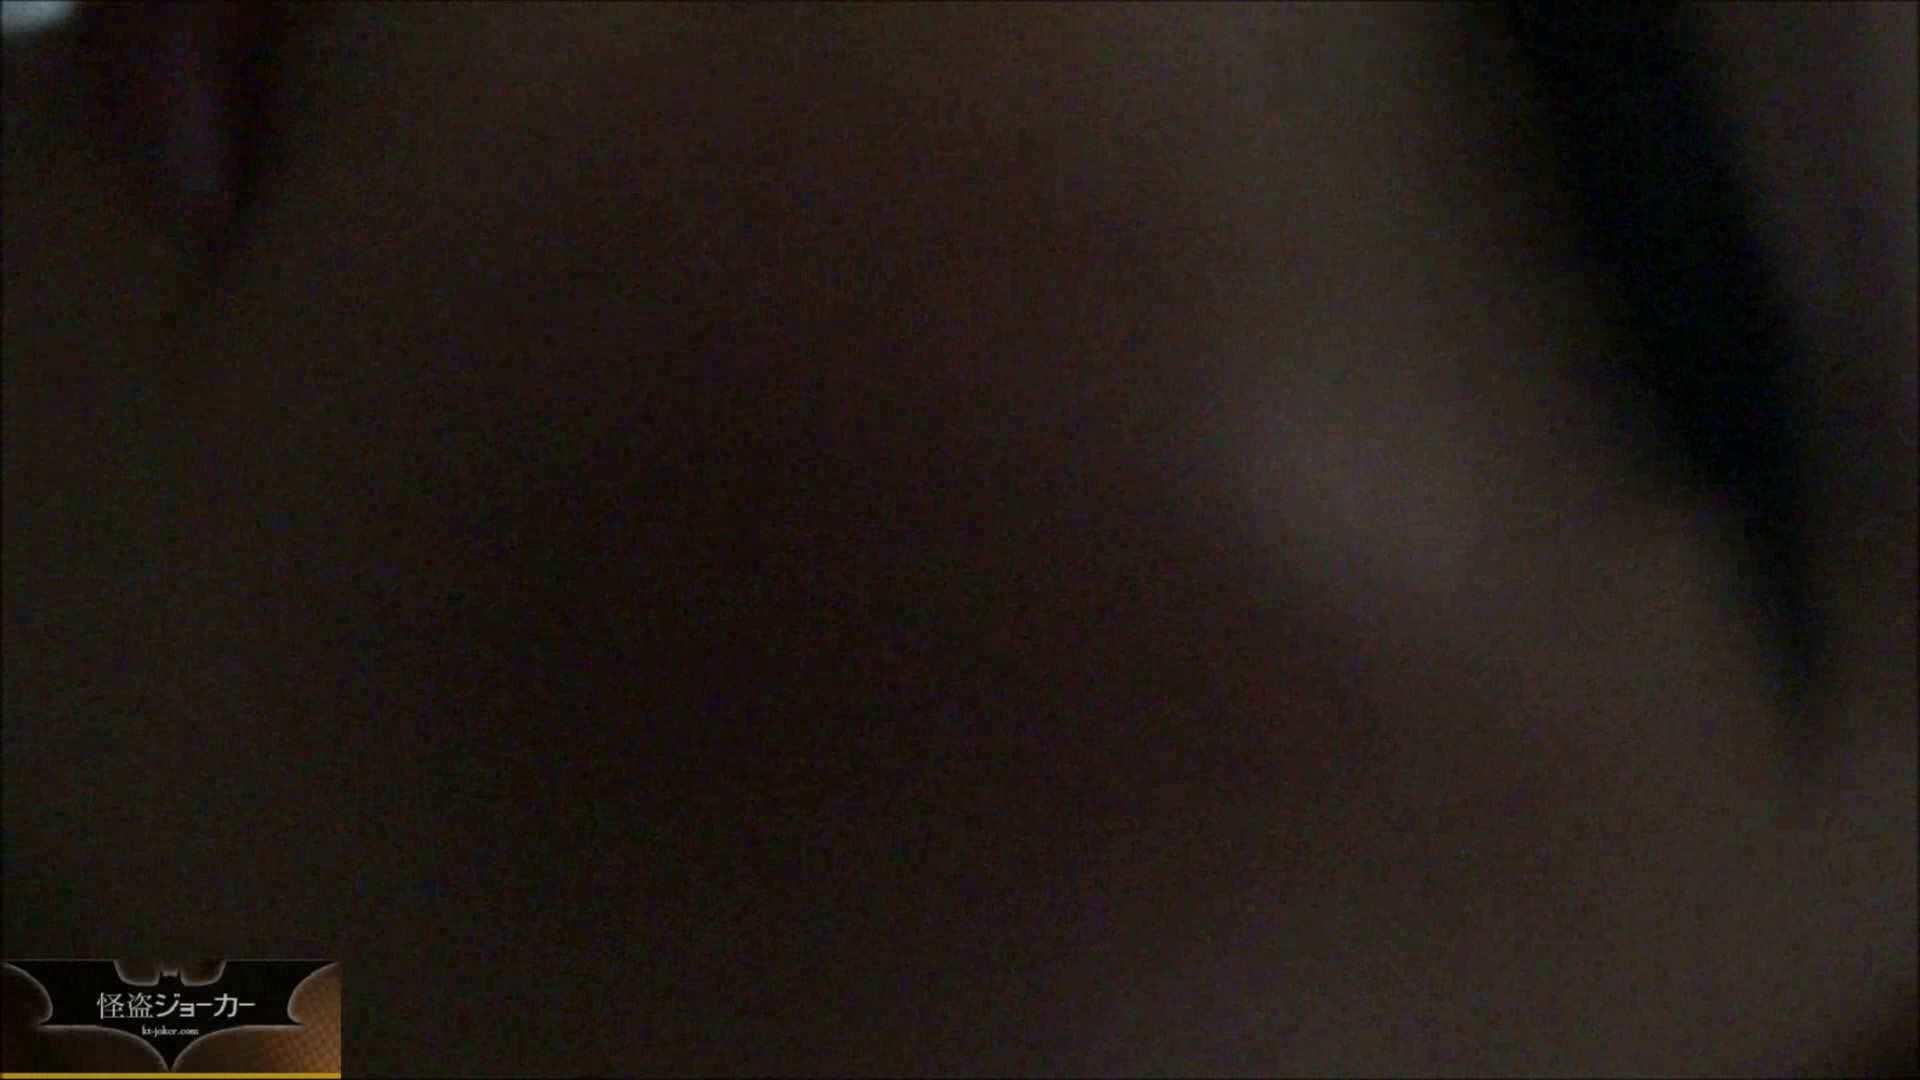 【未公開】vol.1 【ユリナの実女市・ヒトミ】若ママを目民らせて・・・ お姉さん  84PIX 54